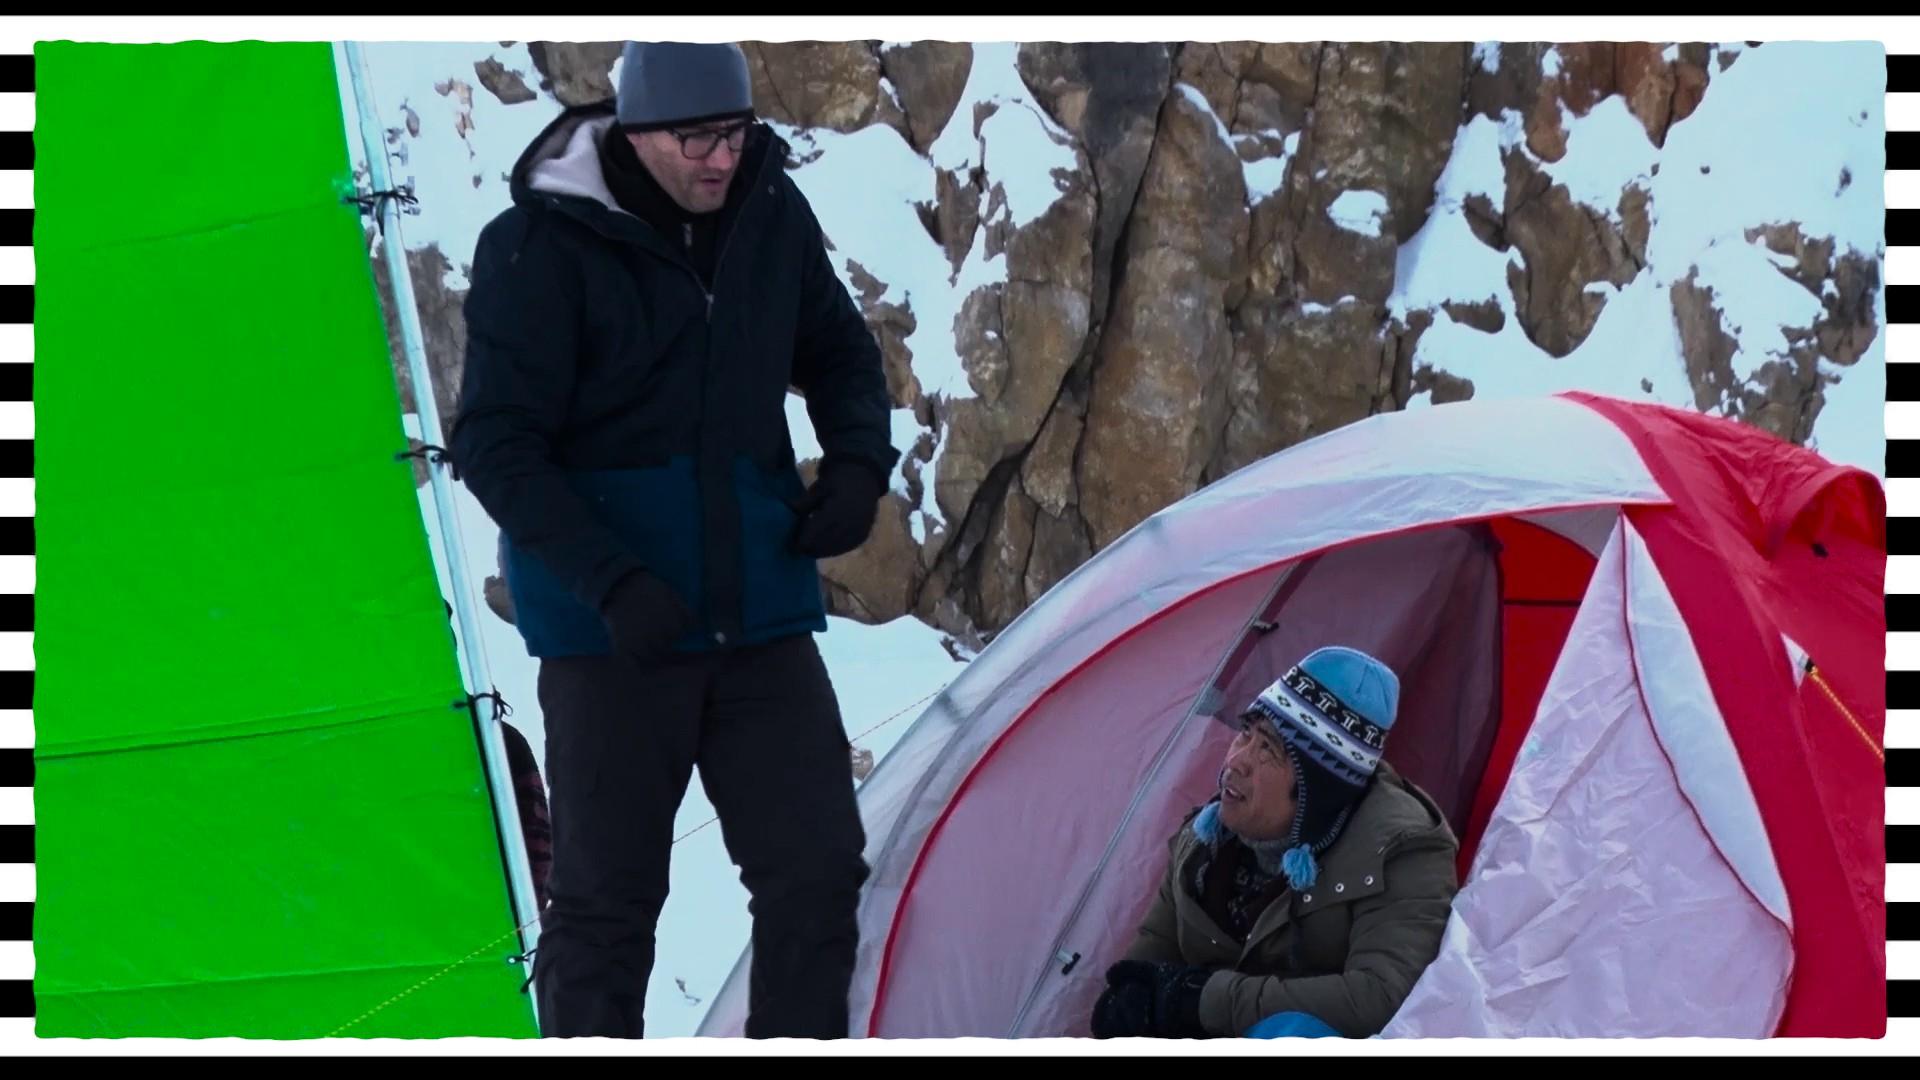 Som mama - Nakrúcanie scény, ktorá sa odohrávala pri Annapurne bolo v skutočnosti na Slovensku